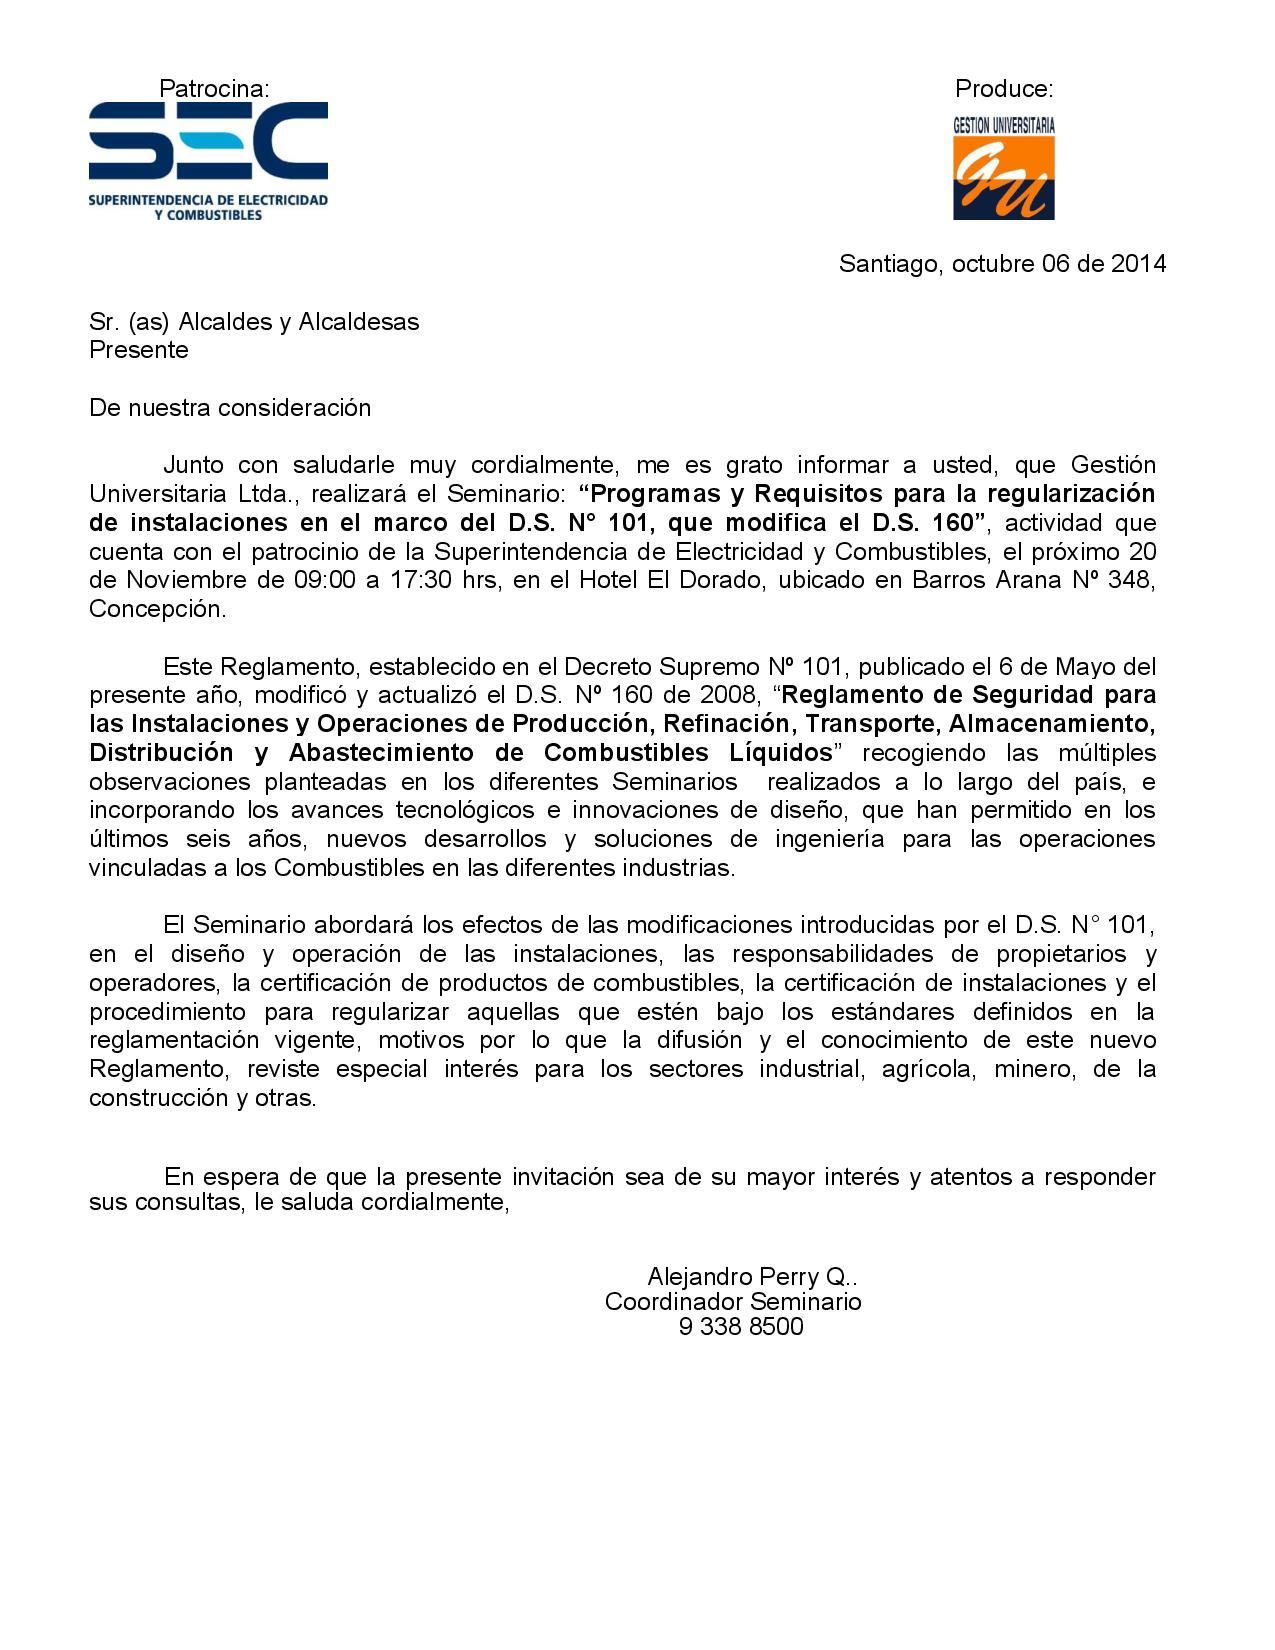 Ord. 182 - Invita Seminario DS N 101-page-002